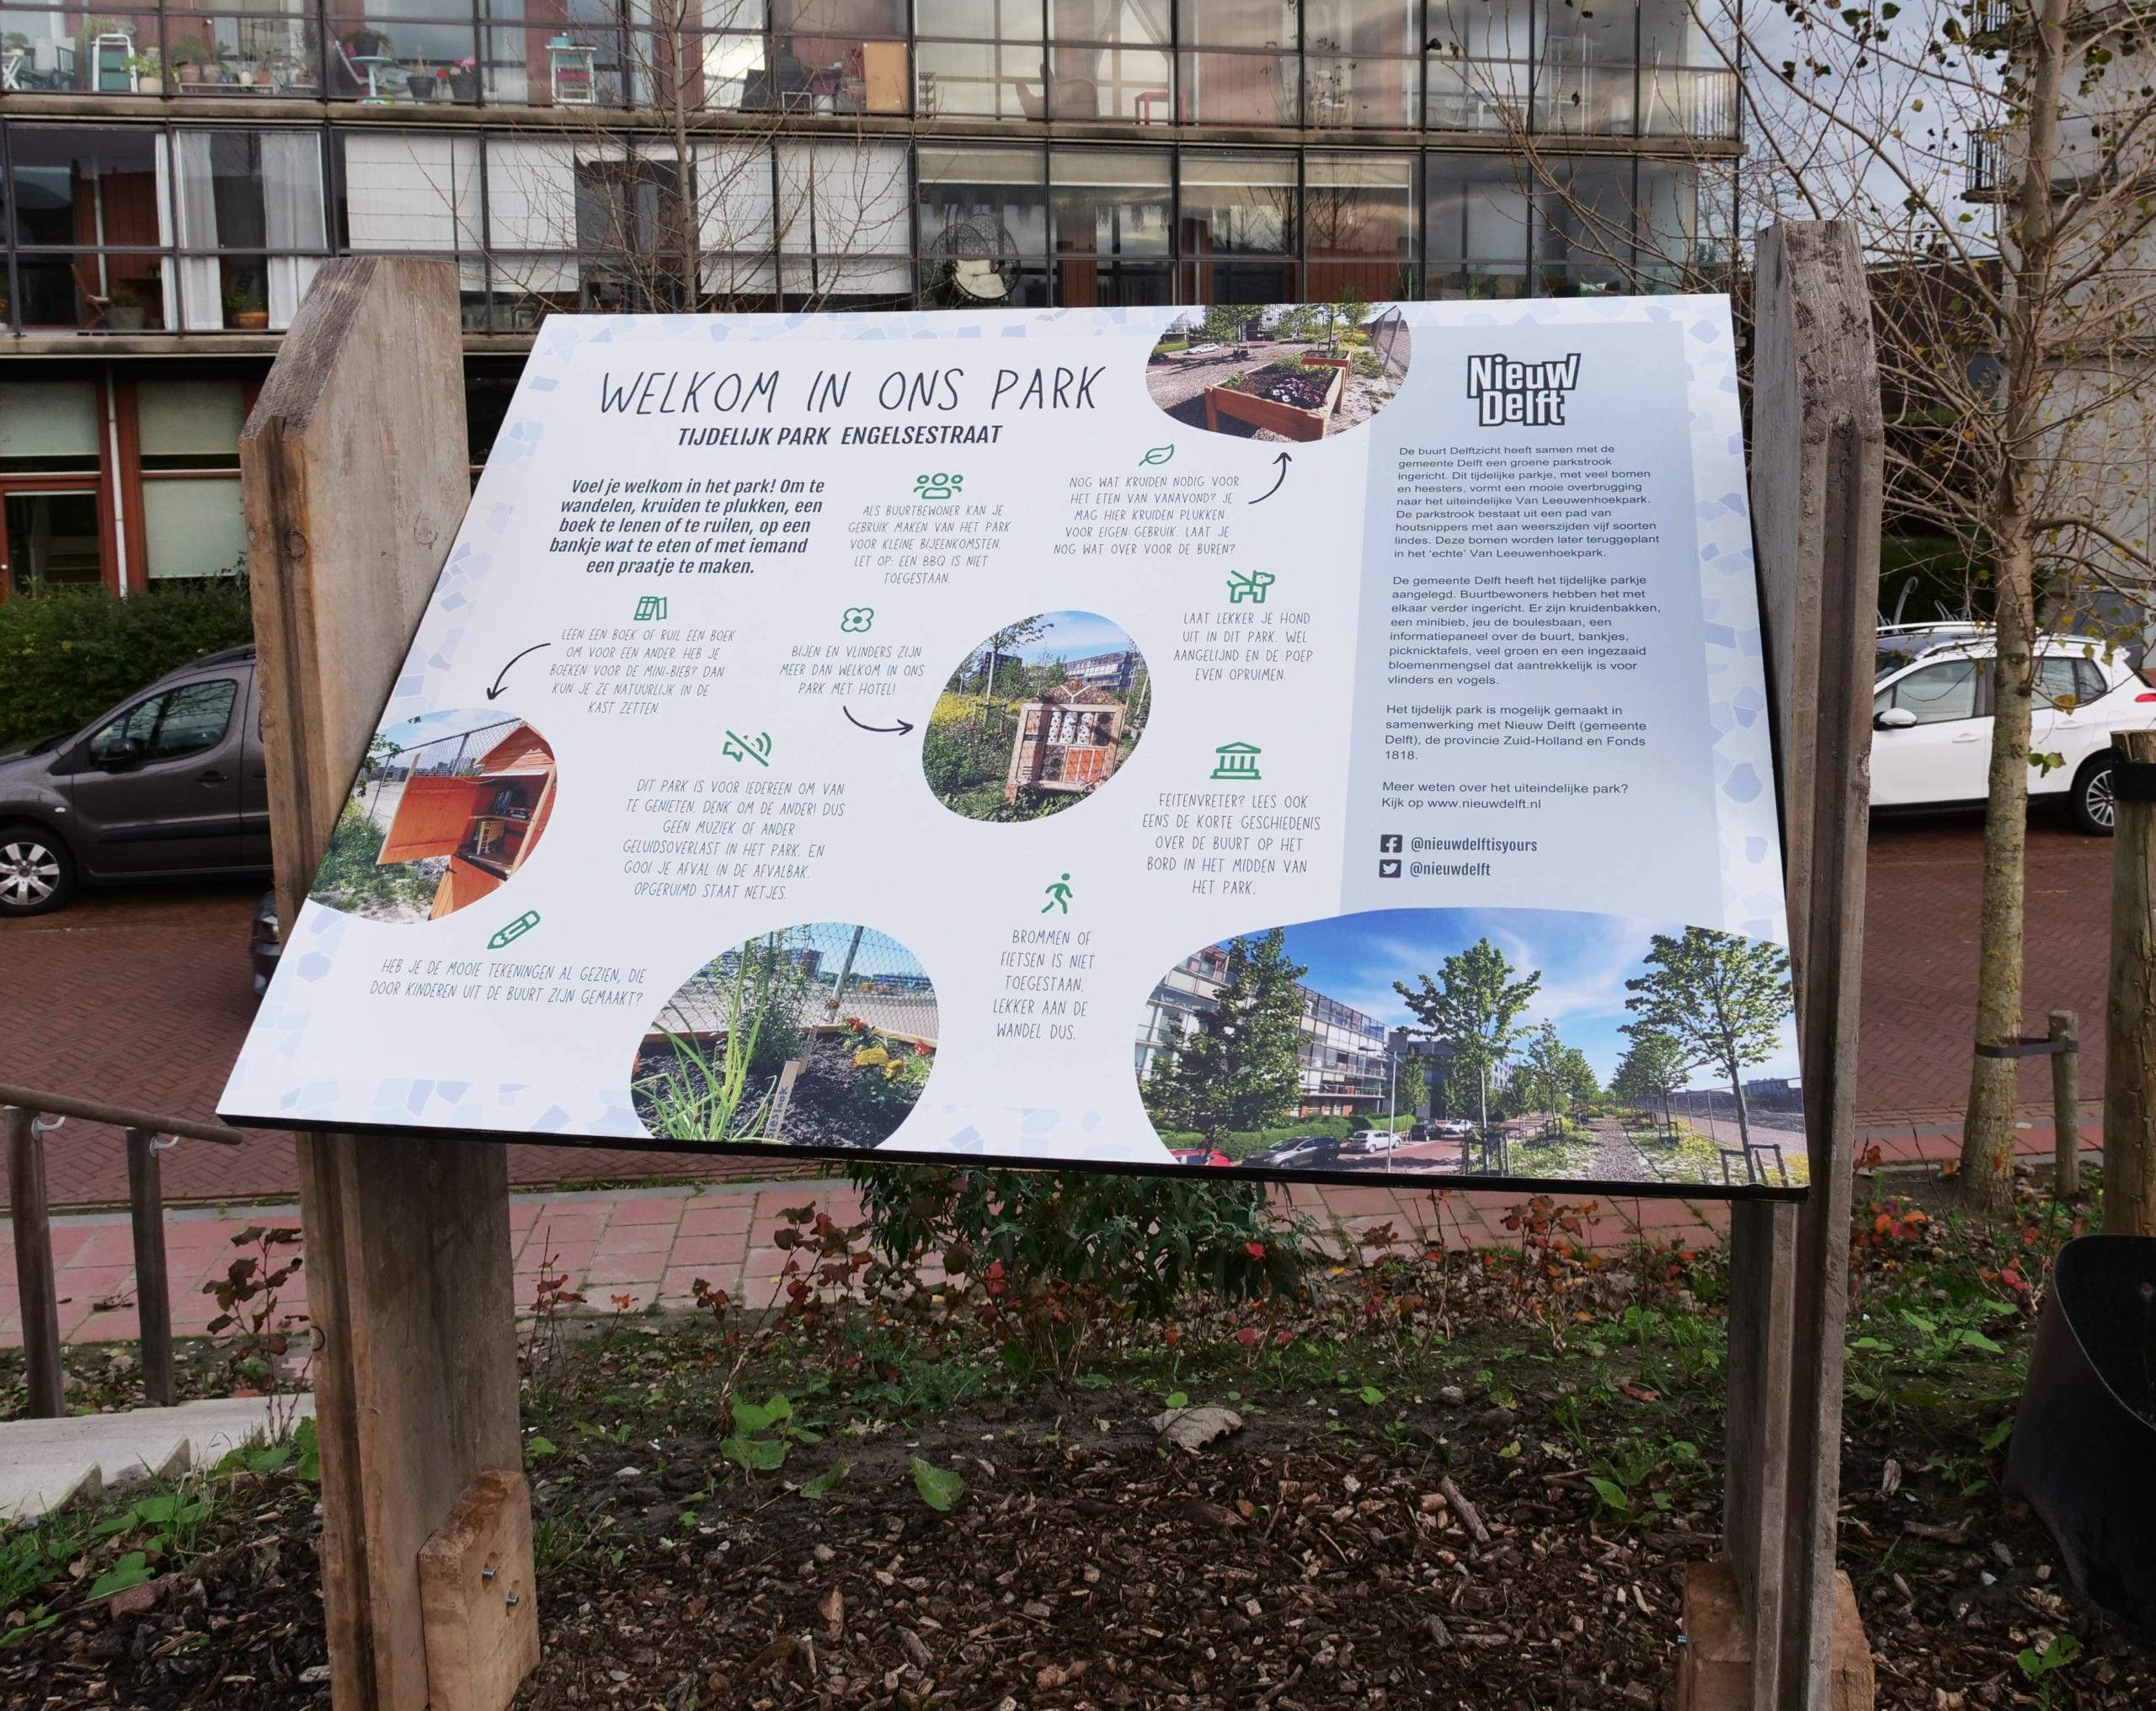 informatiebord over de parkstrook in Nieuw Delft